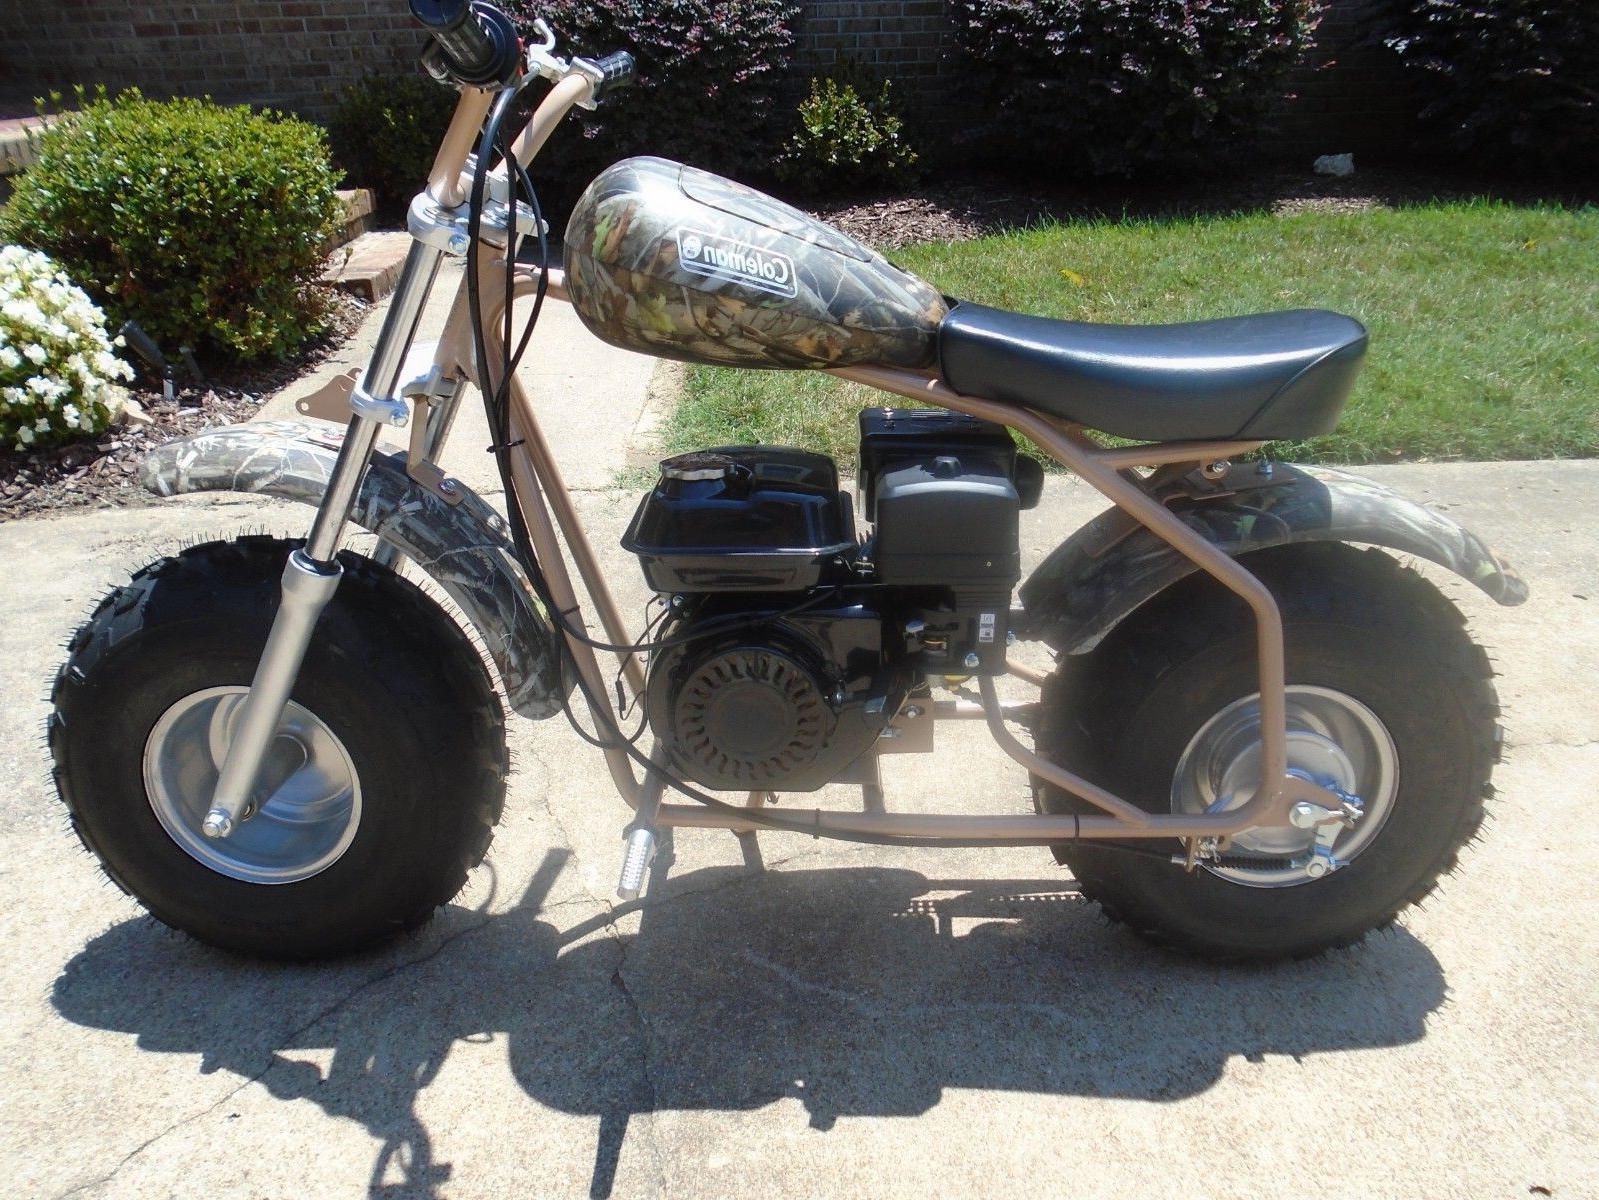 mini bike brand new made by